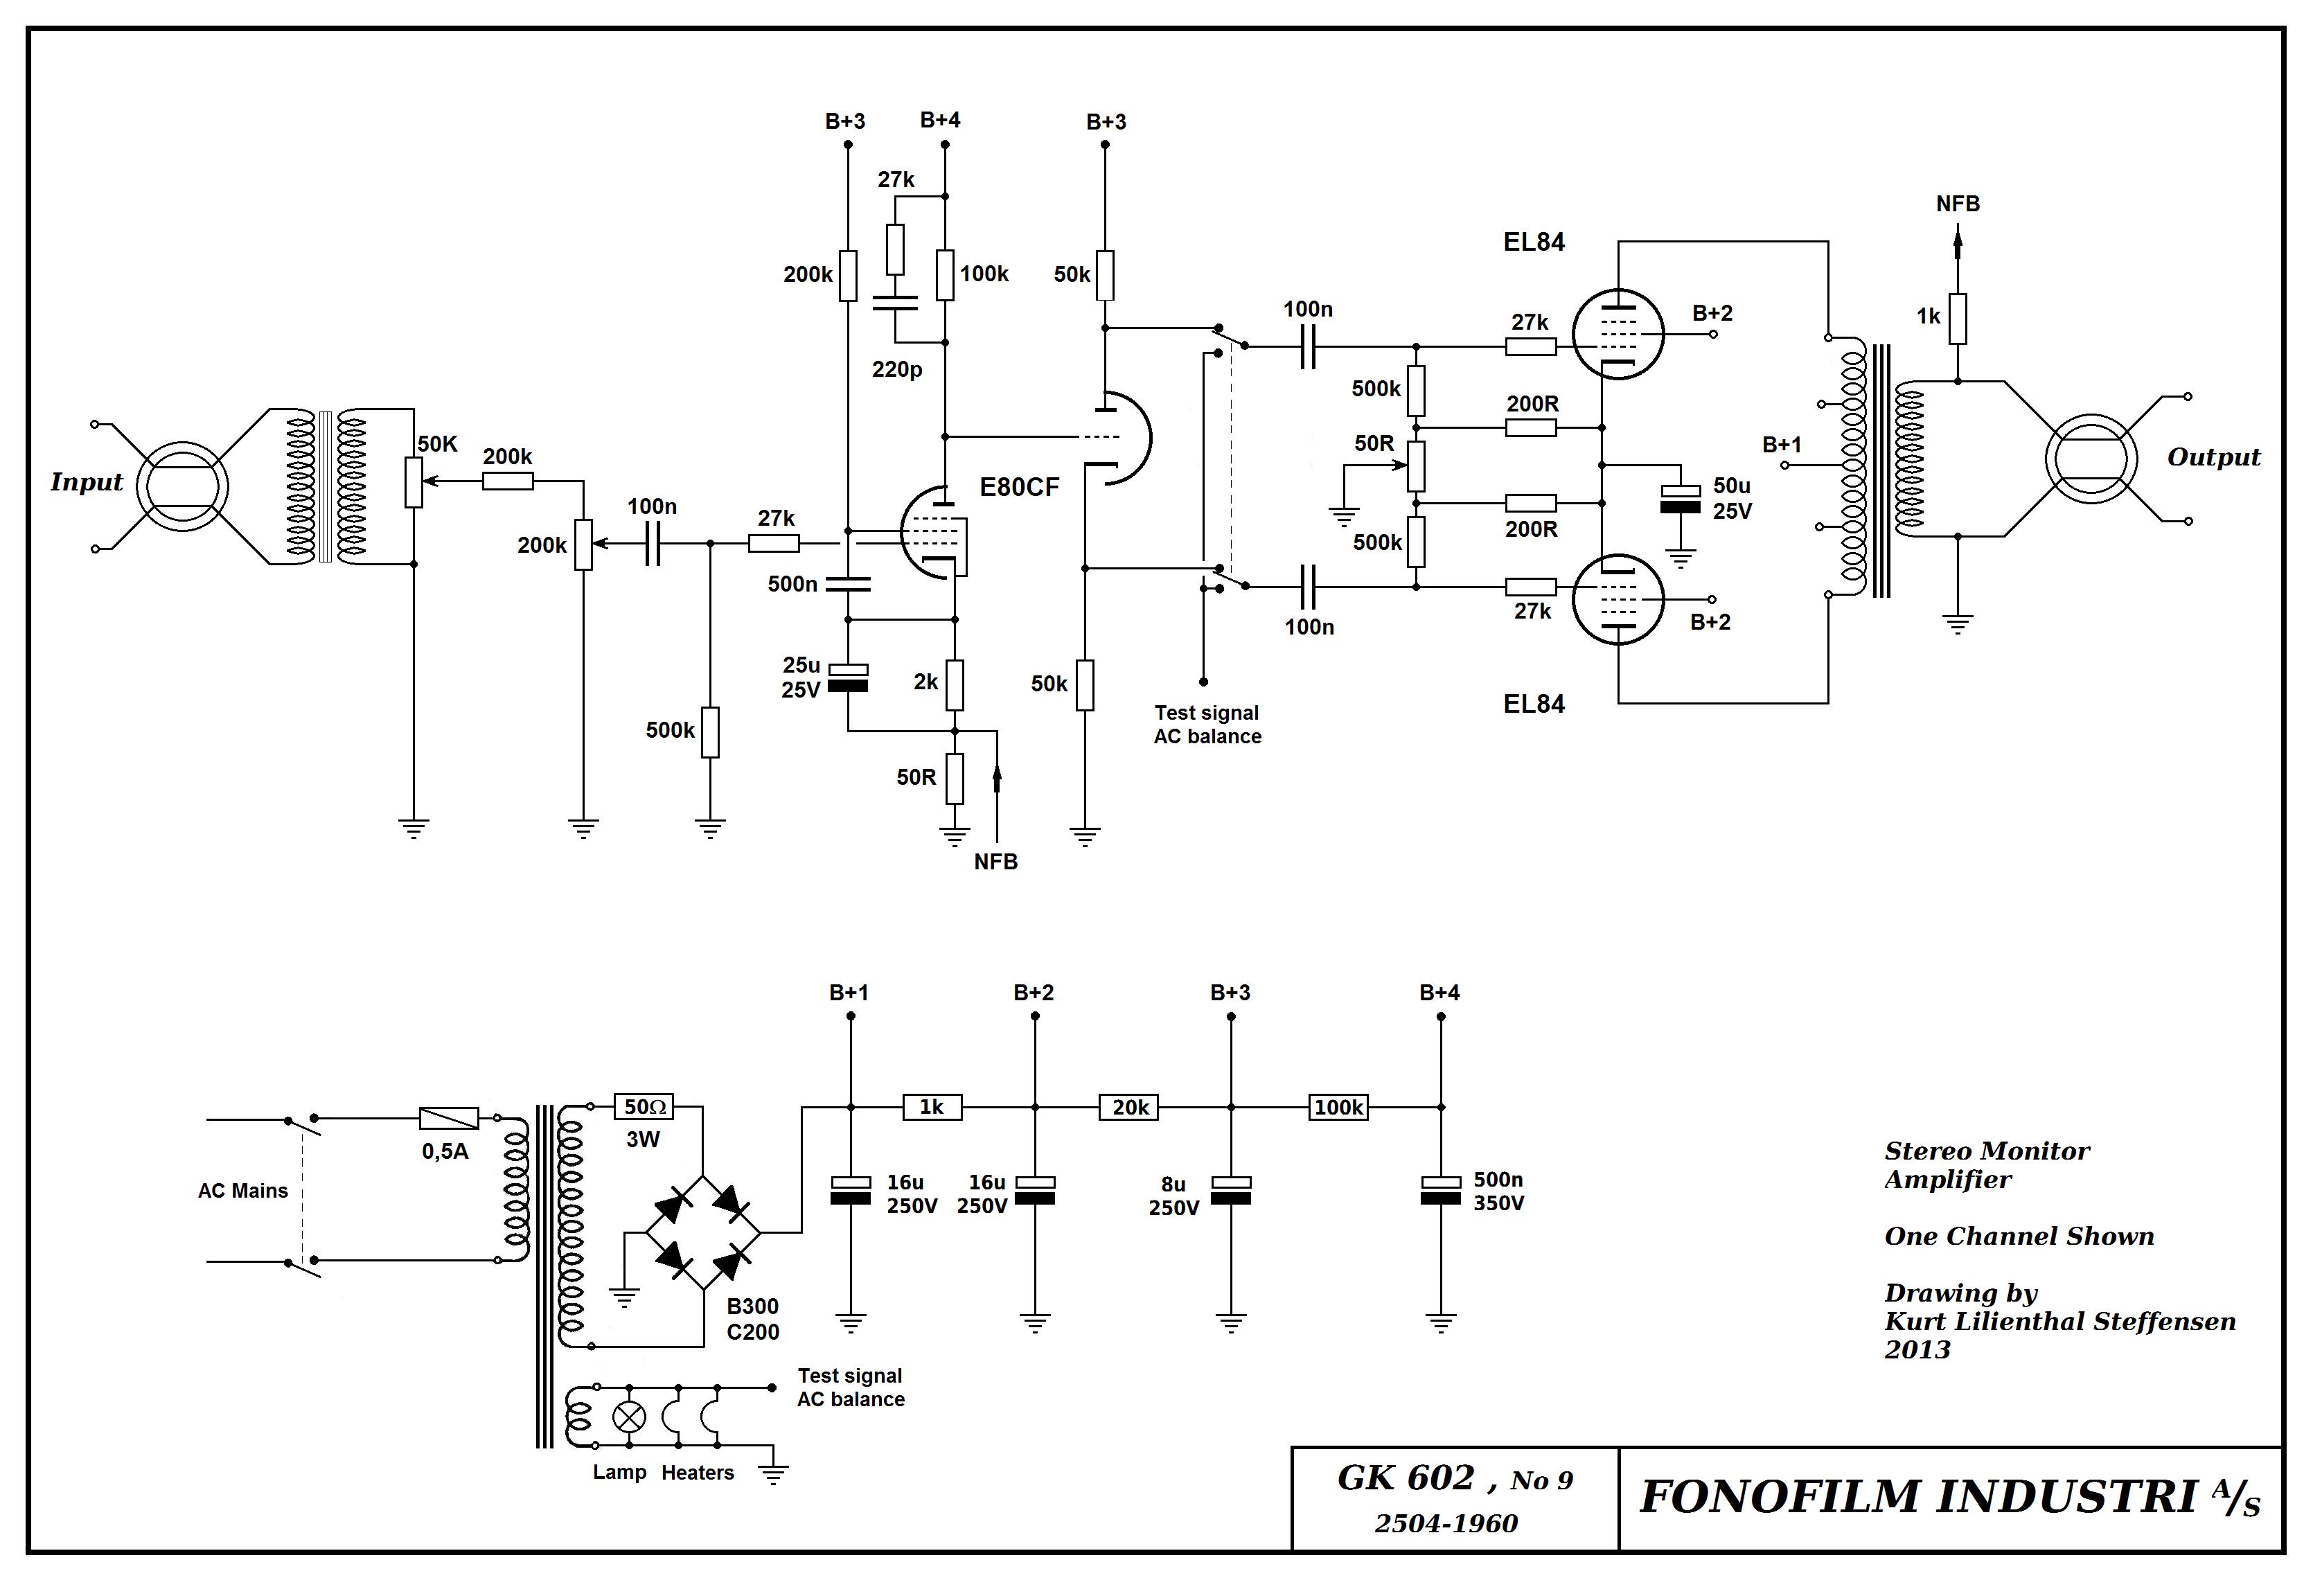 Ortofon Fonofilm GK-602 , EL84 PP stereo, nytegnet